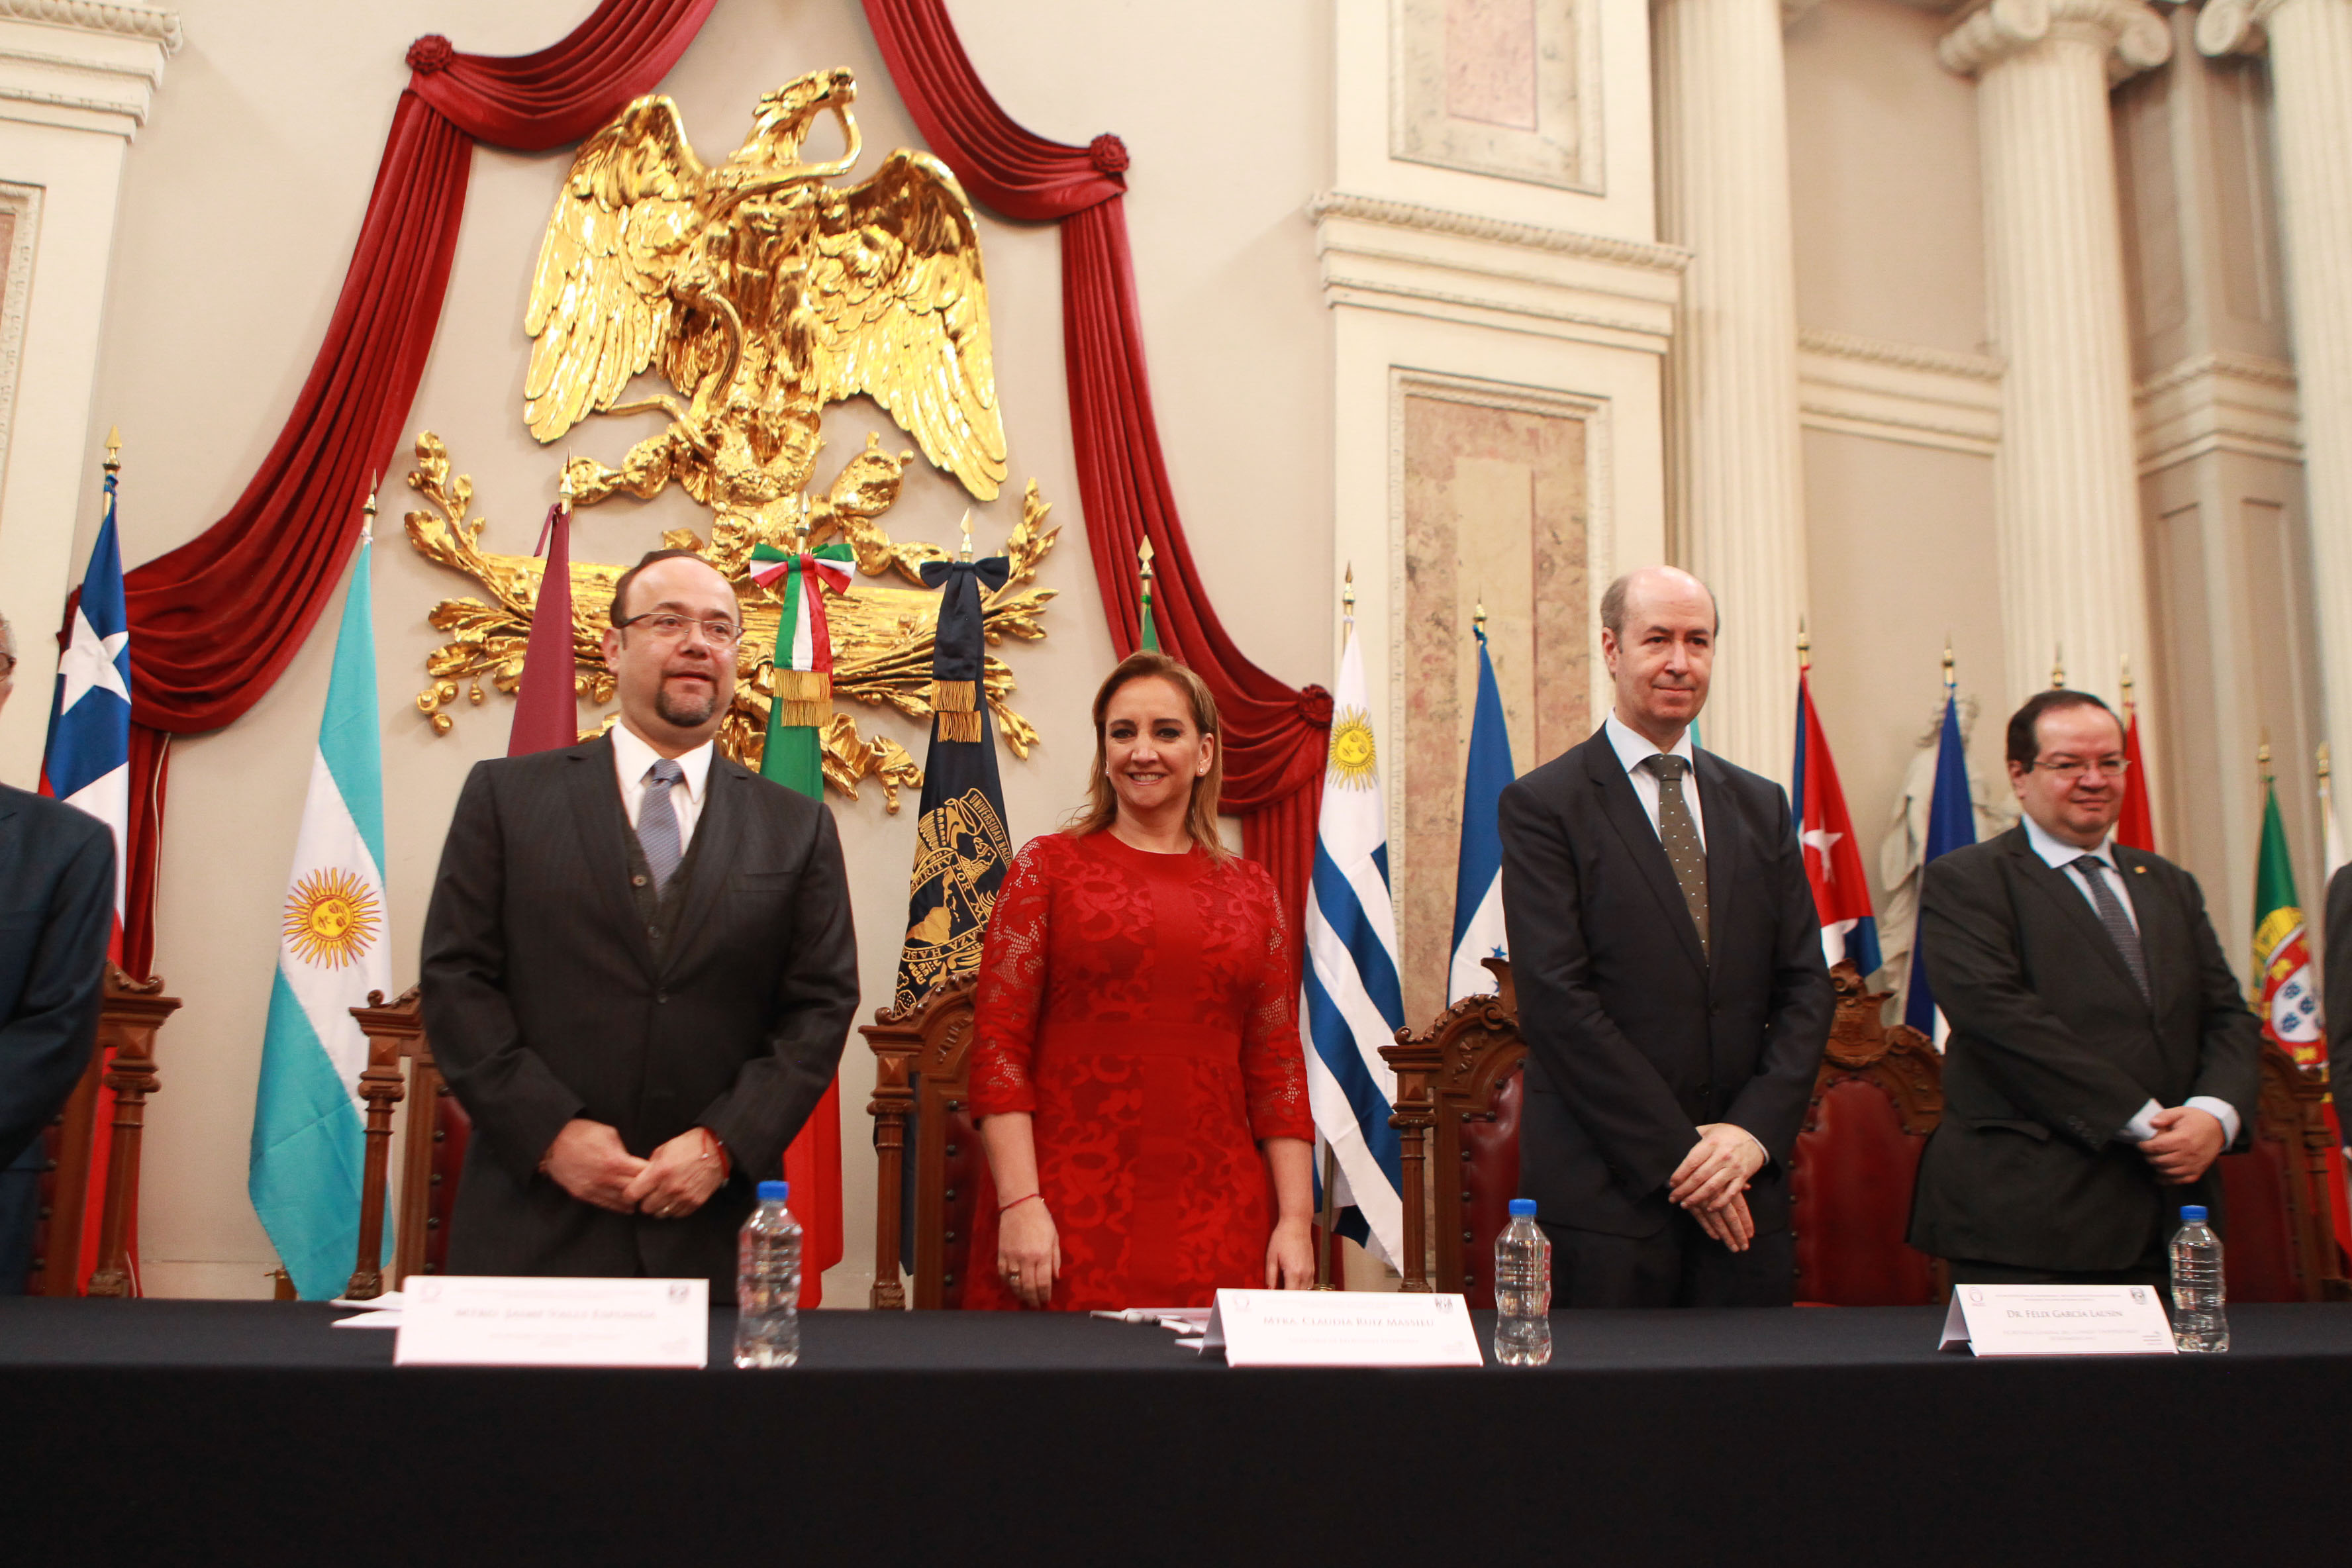 Inauguración de la Segunda II Cumbre de Presidentes de Consejos de Rectores de Unión Europea, América Latina y el Caribe.